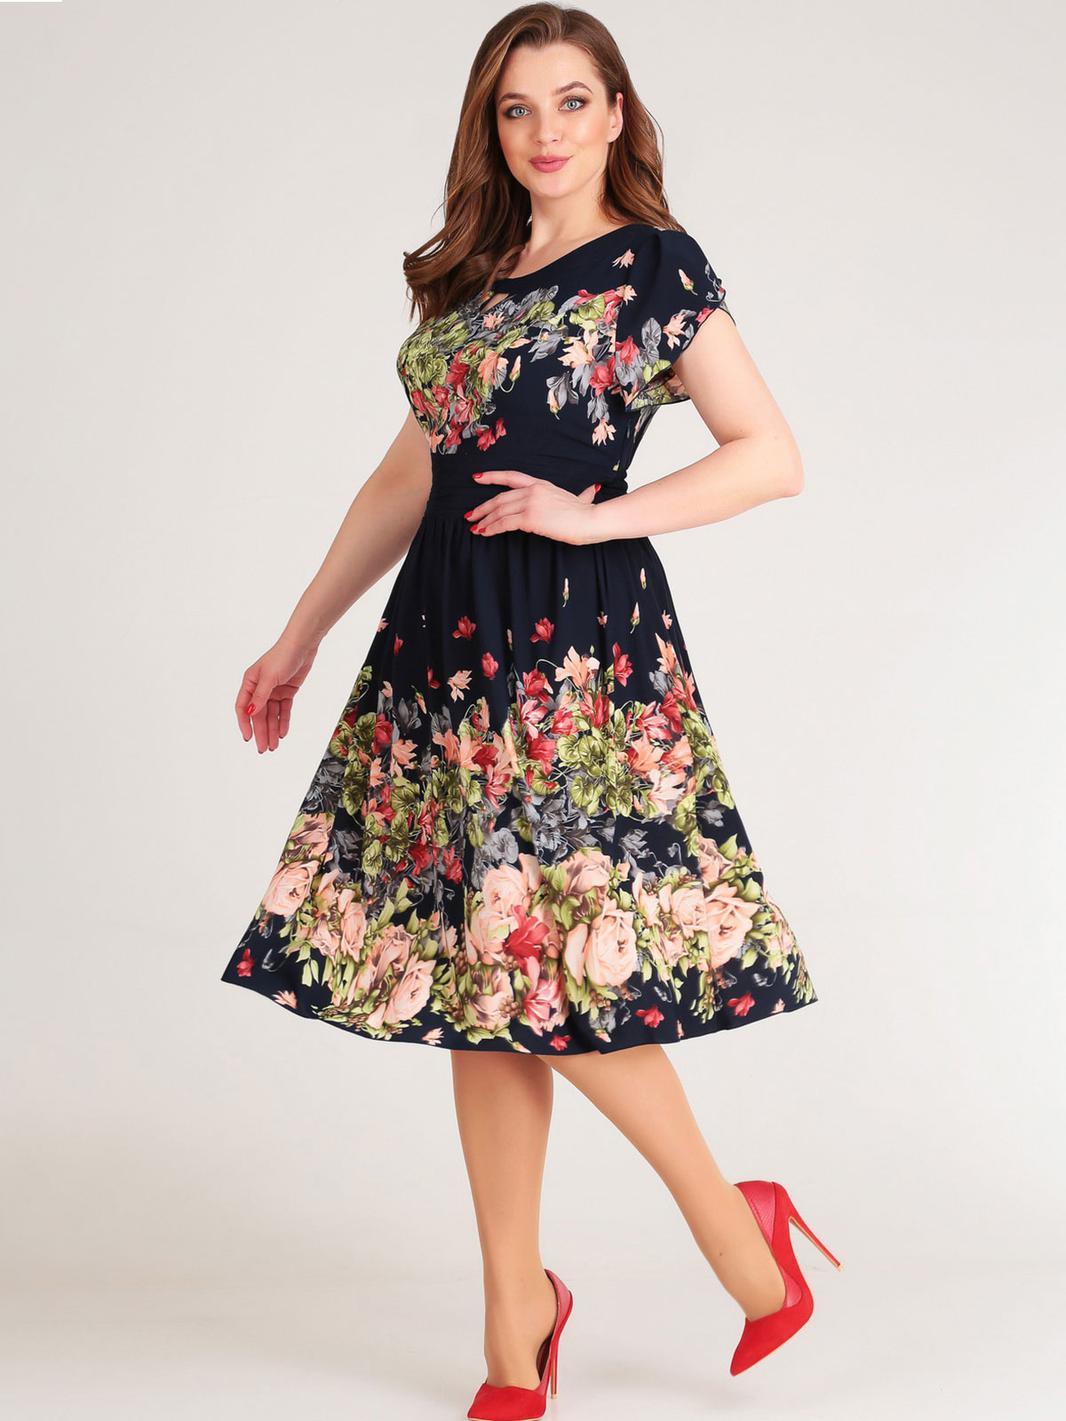 599011b6d83 Купить платье в интернет-магазине в Минске. Белорусские женские платья